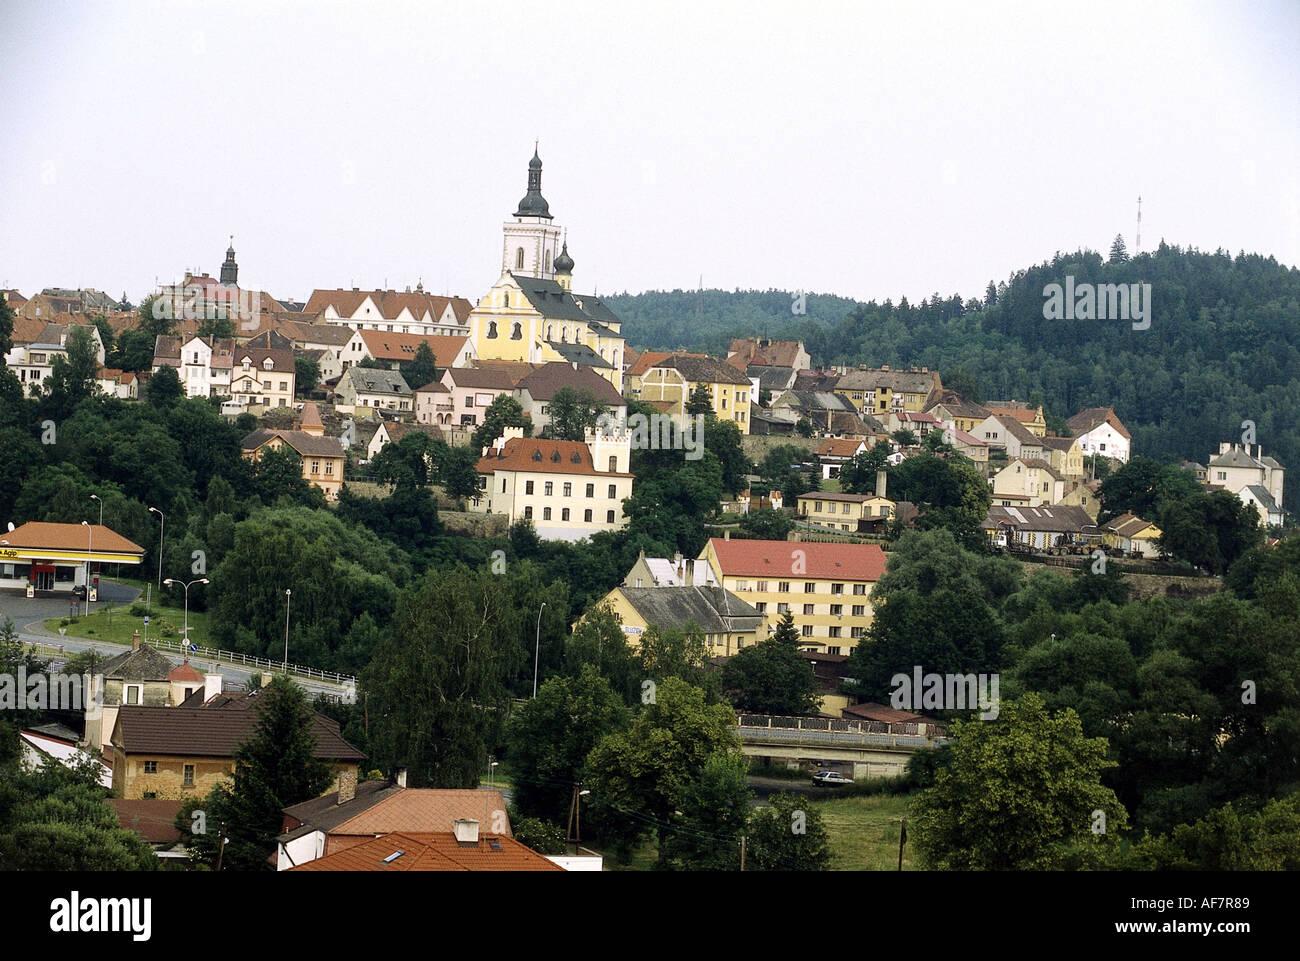 Stribro Tschechien stribro republic stockfotos stribro republic bilder